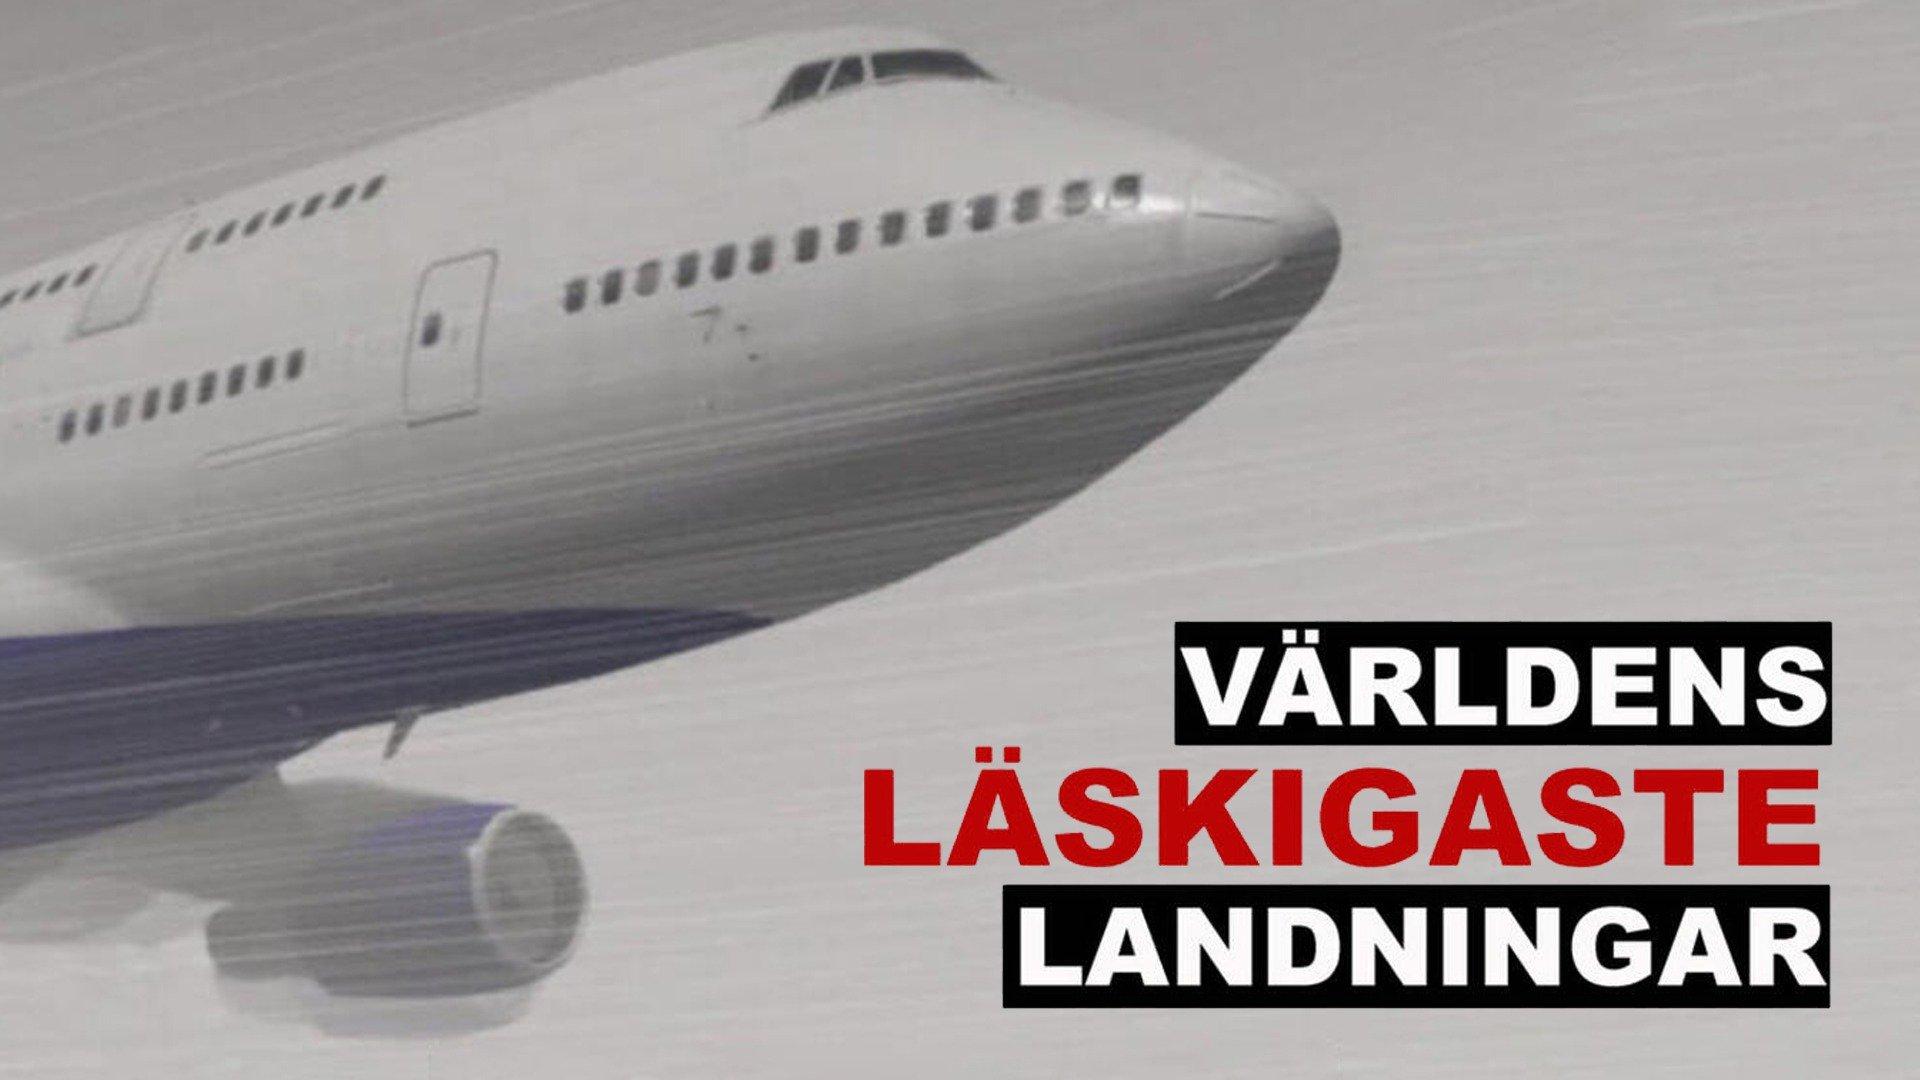 Världens läskigaste landningar